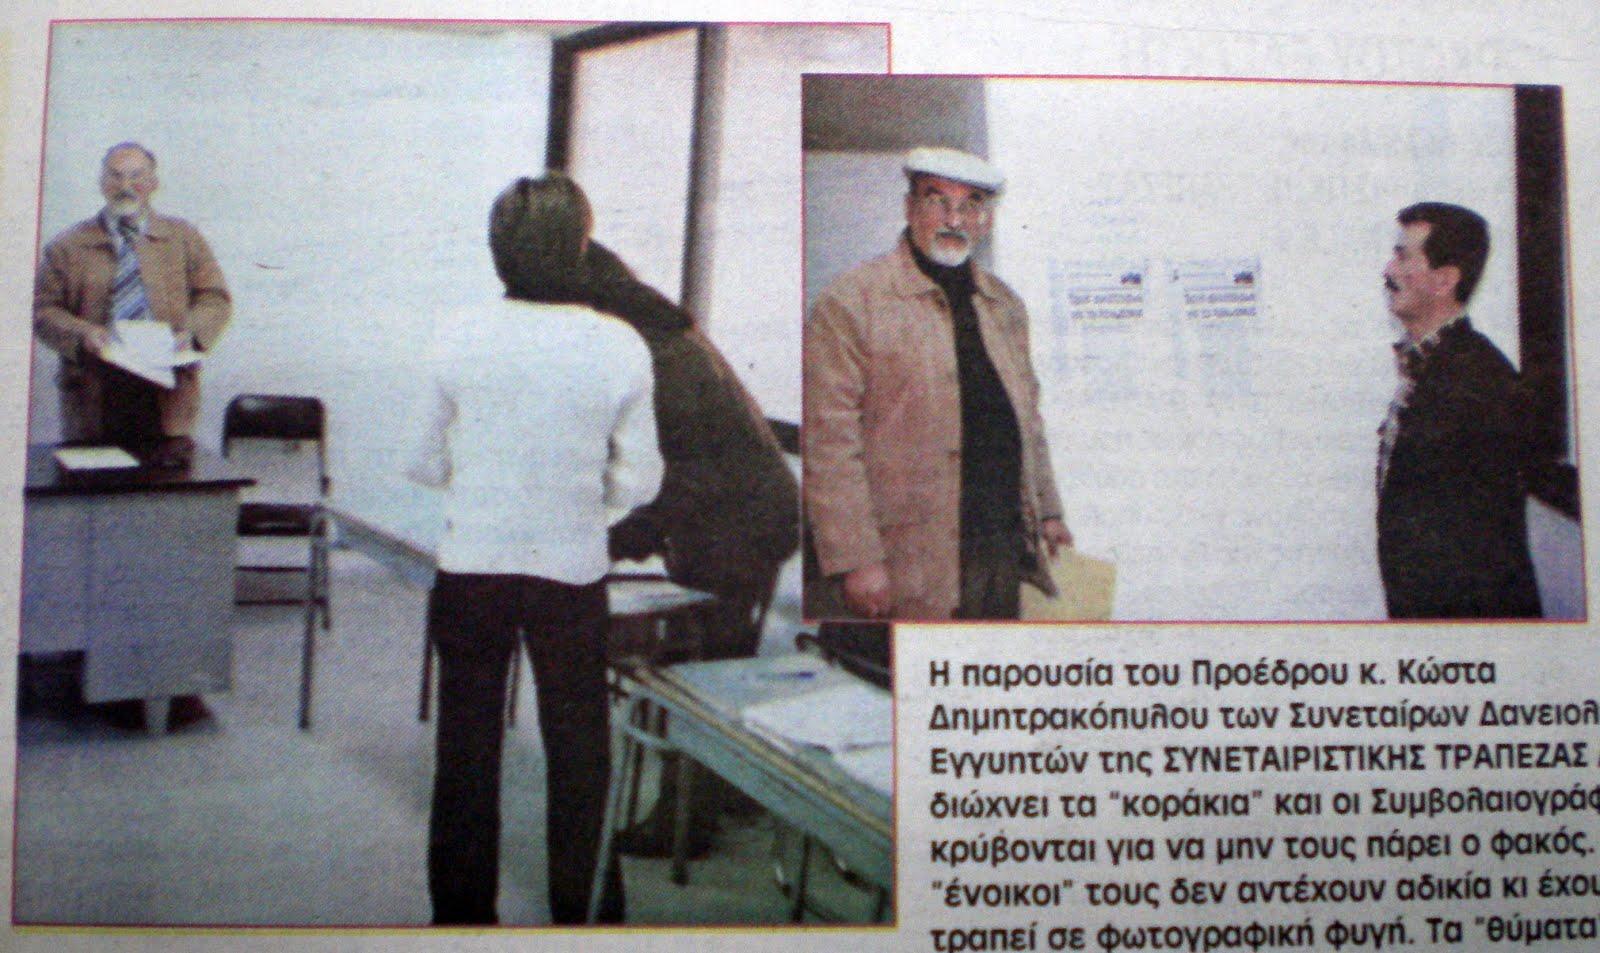 """Ο Δημητρακόπουλος διώχνει τα """"κοράκια""""...2000"""